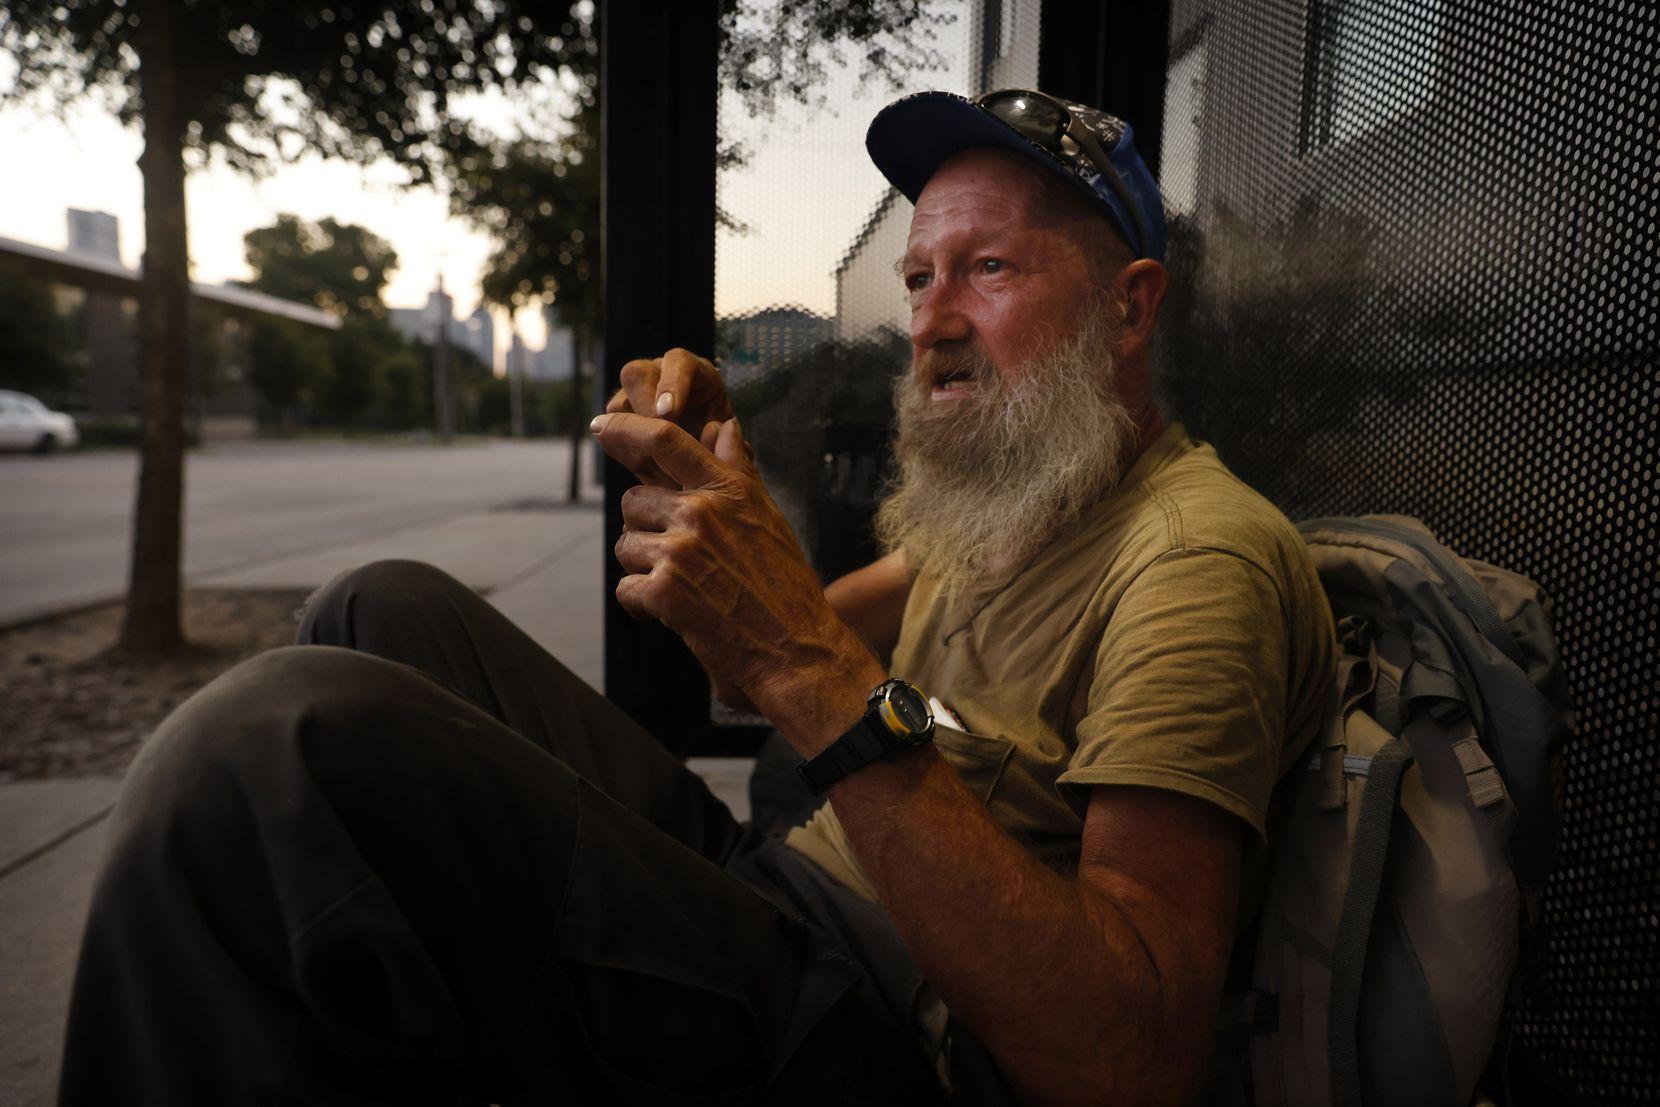 David Barger vive en la calle desde inicios de 2021. Cuenta que sobrevivió a la tormenta invernal de febrero pasando la noche en una parada de autobús de DART sobre Malcom X Blvd, cerca del centro de Dallas.